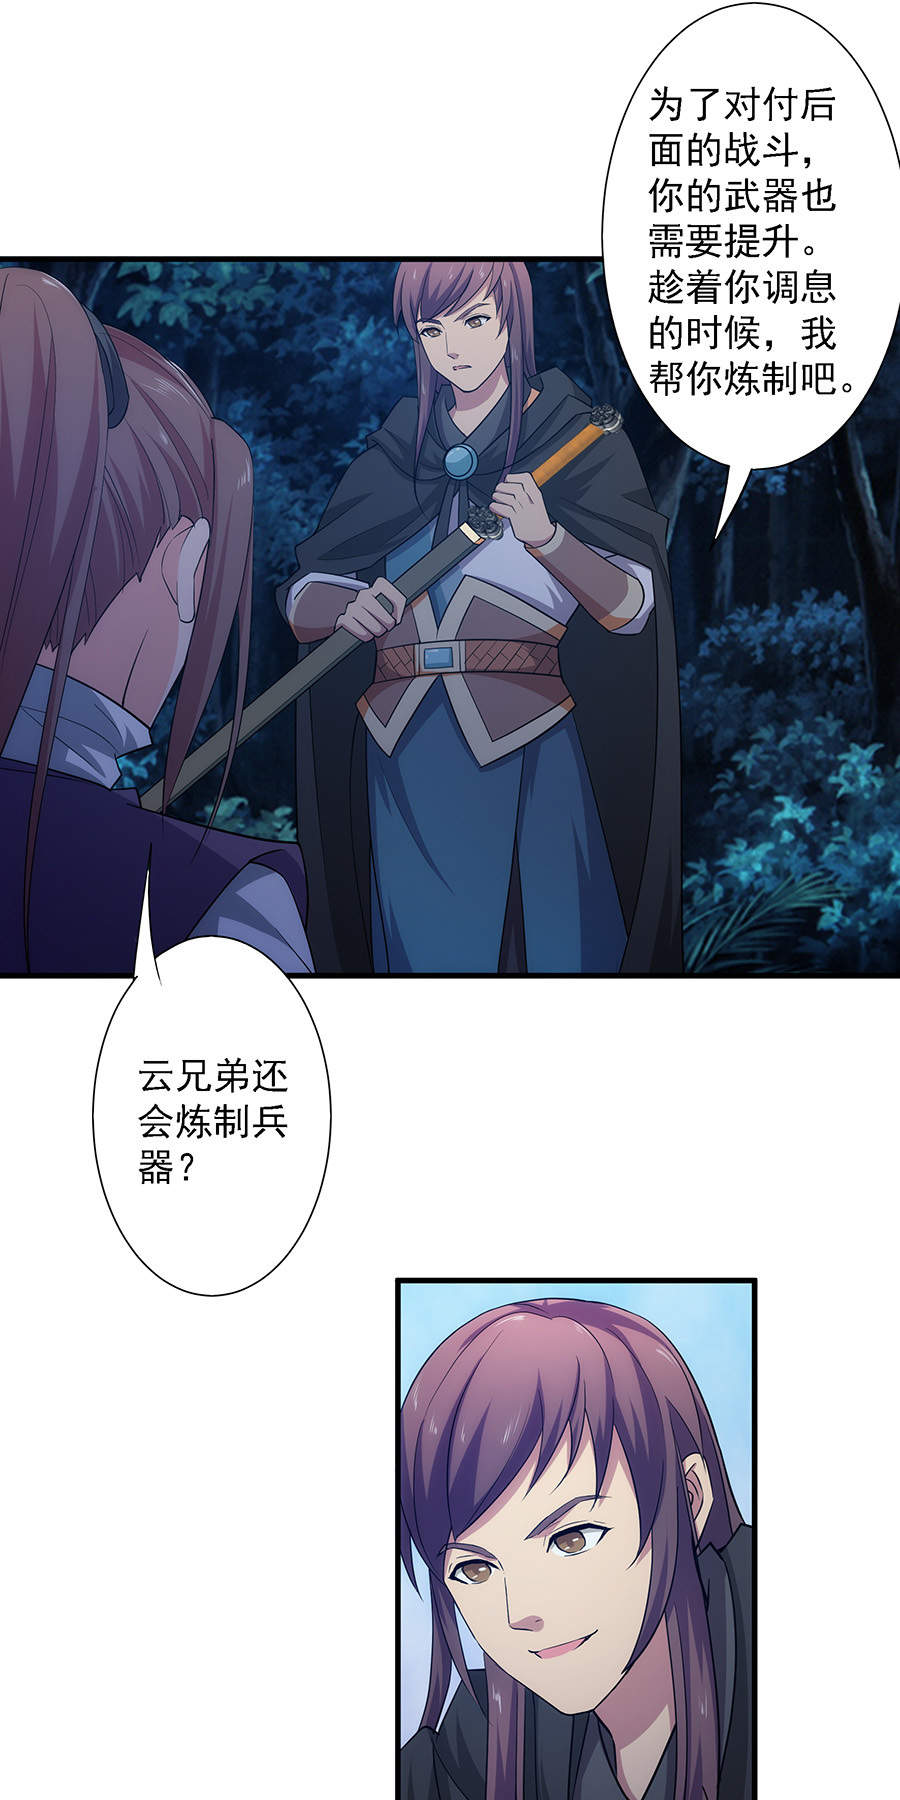 绝世剑神第36话  炼制兵器 第 9